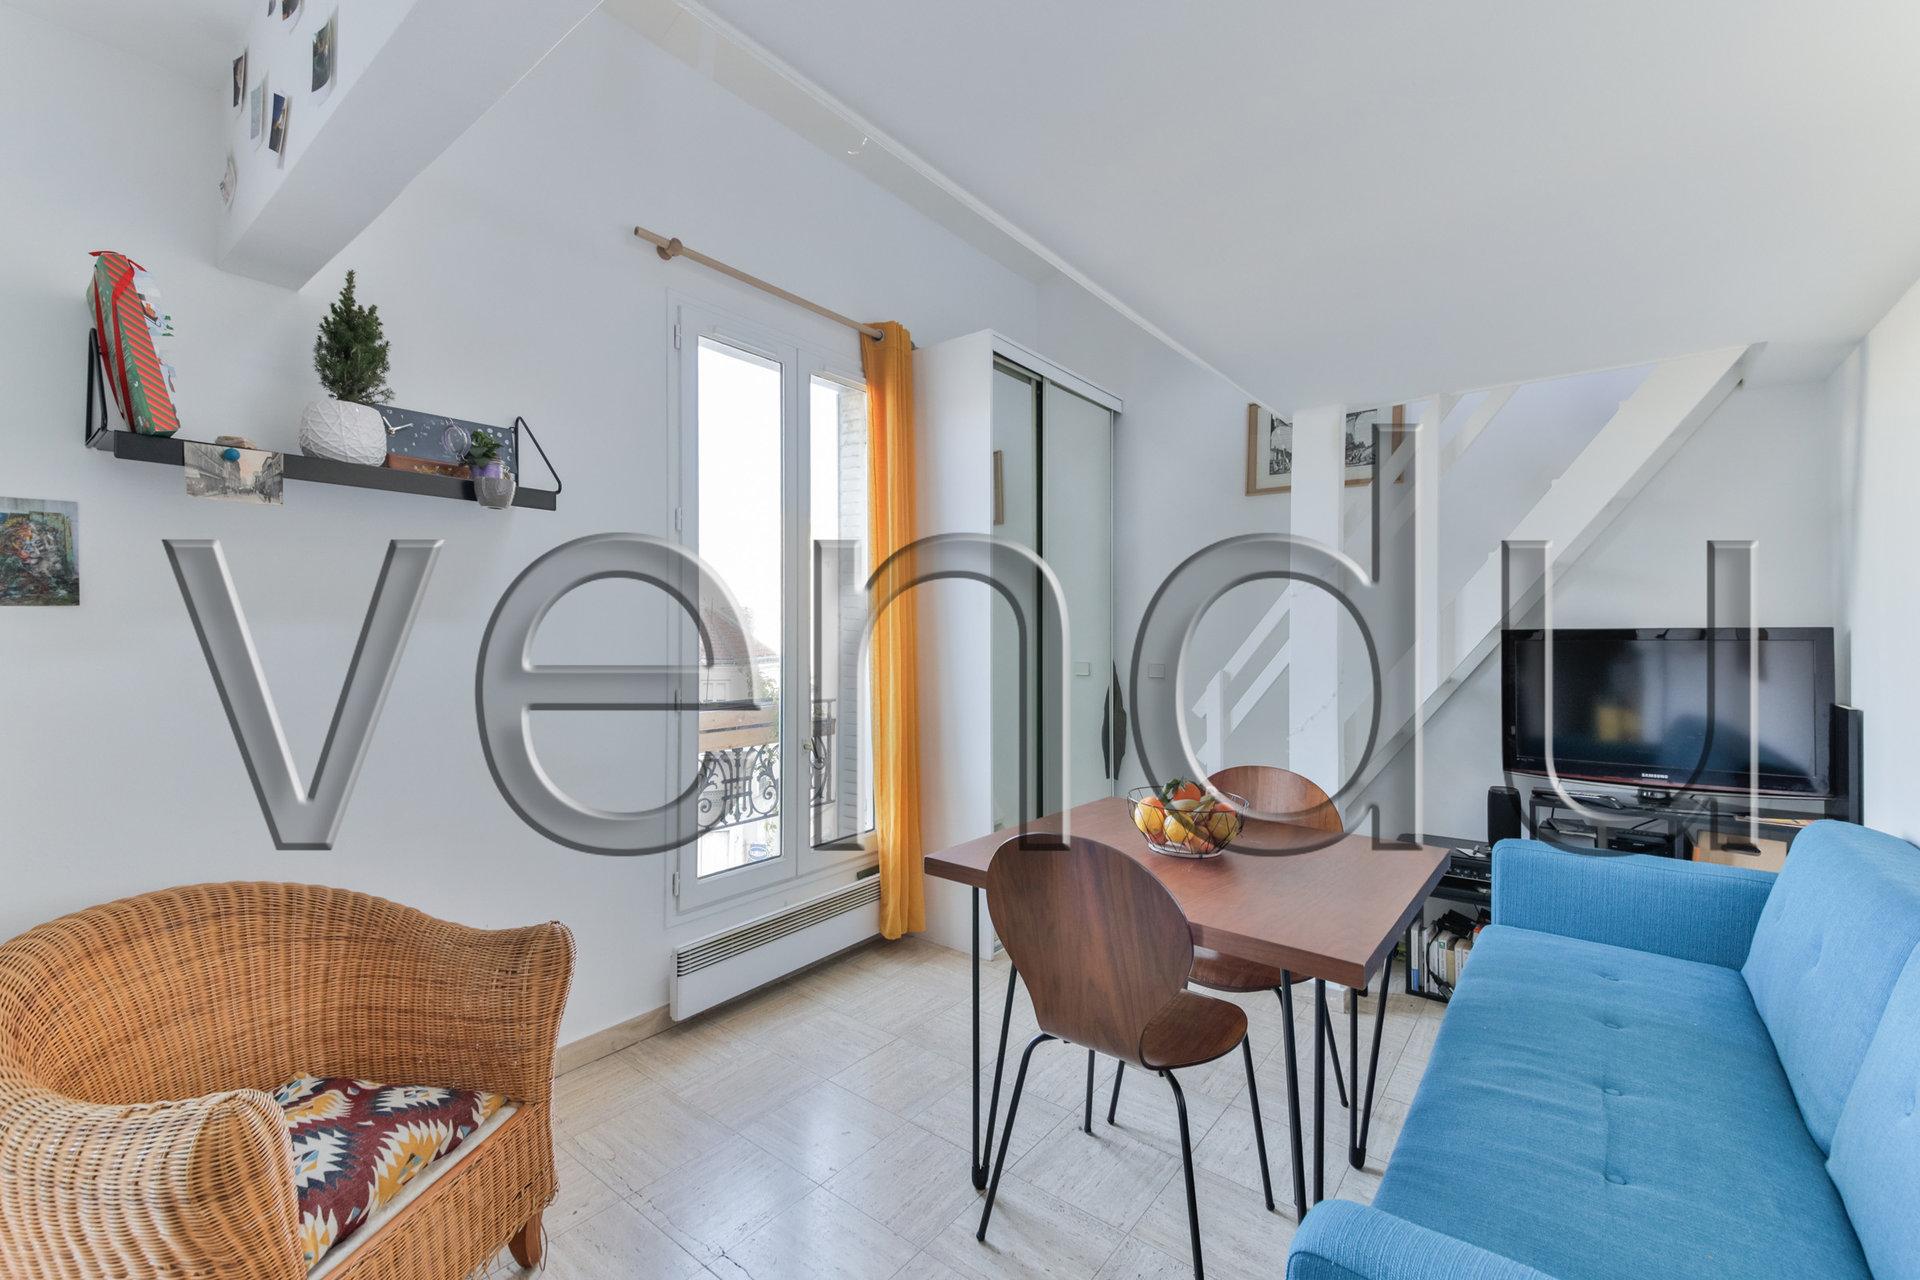 Sale Apartment - Paris 17th (Paris 17ème)